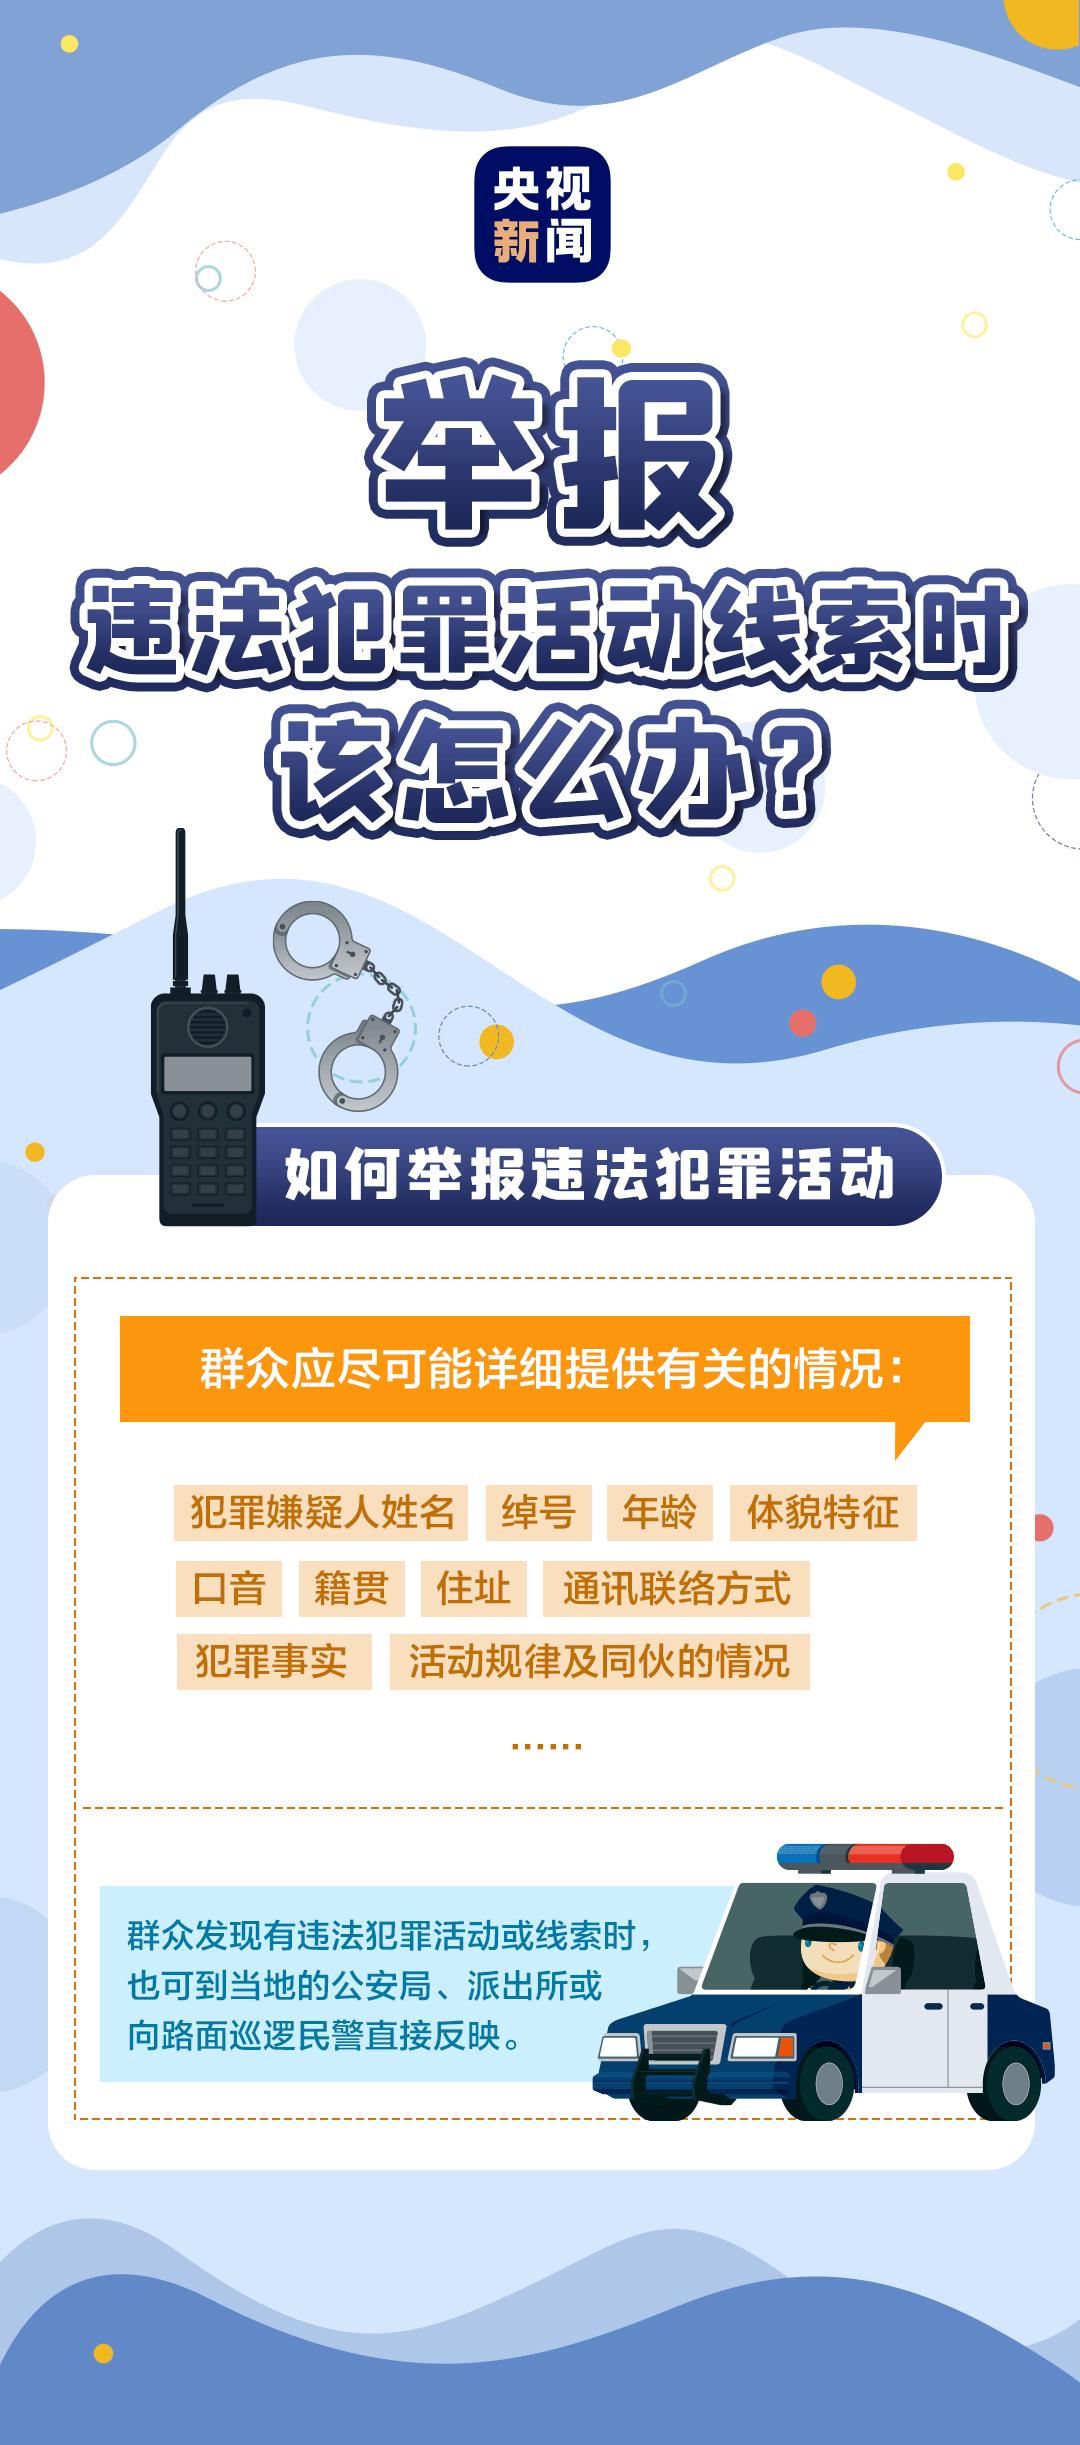 """今天,新增一个节日!致敬宁波这群最""""帅""""的人!"""